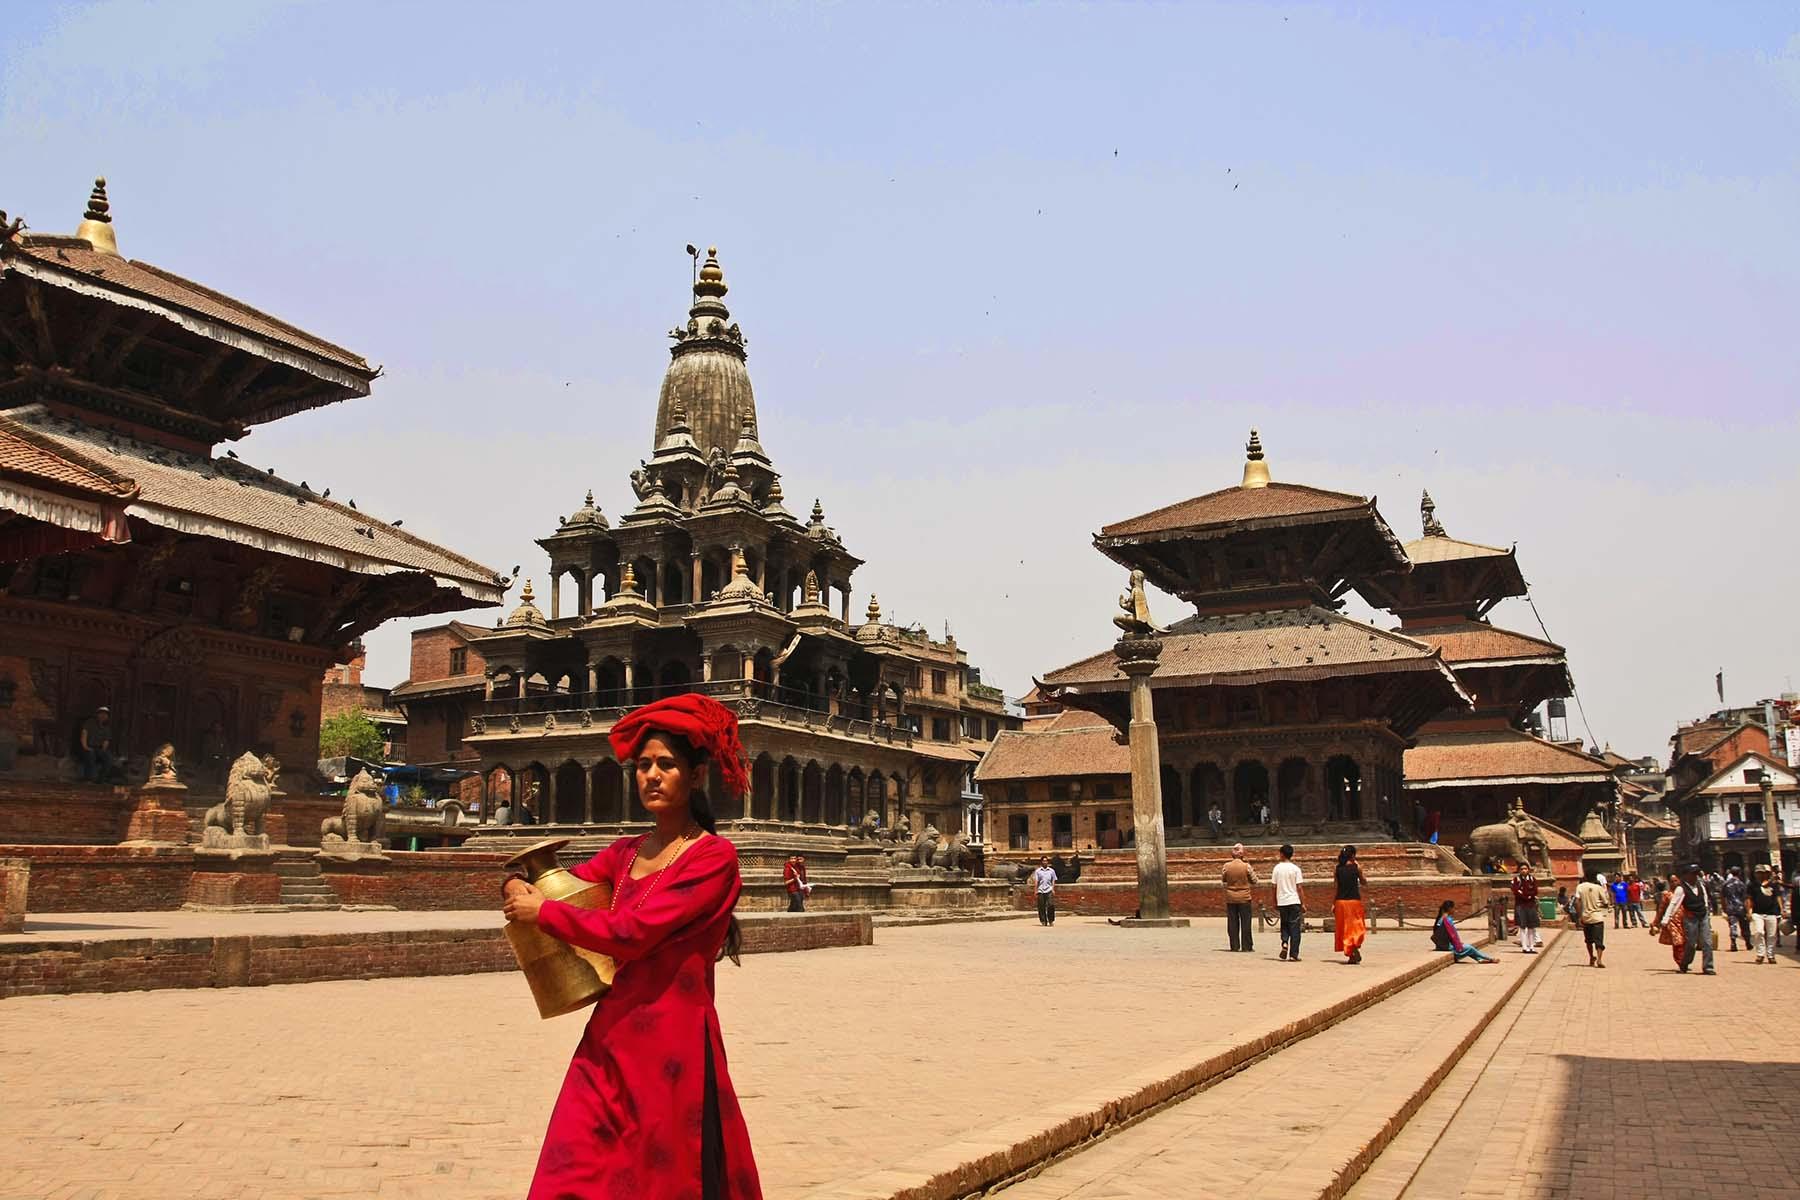 尼泊尔深度人文风光摄影团 开始报名!